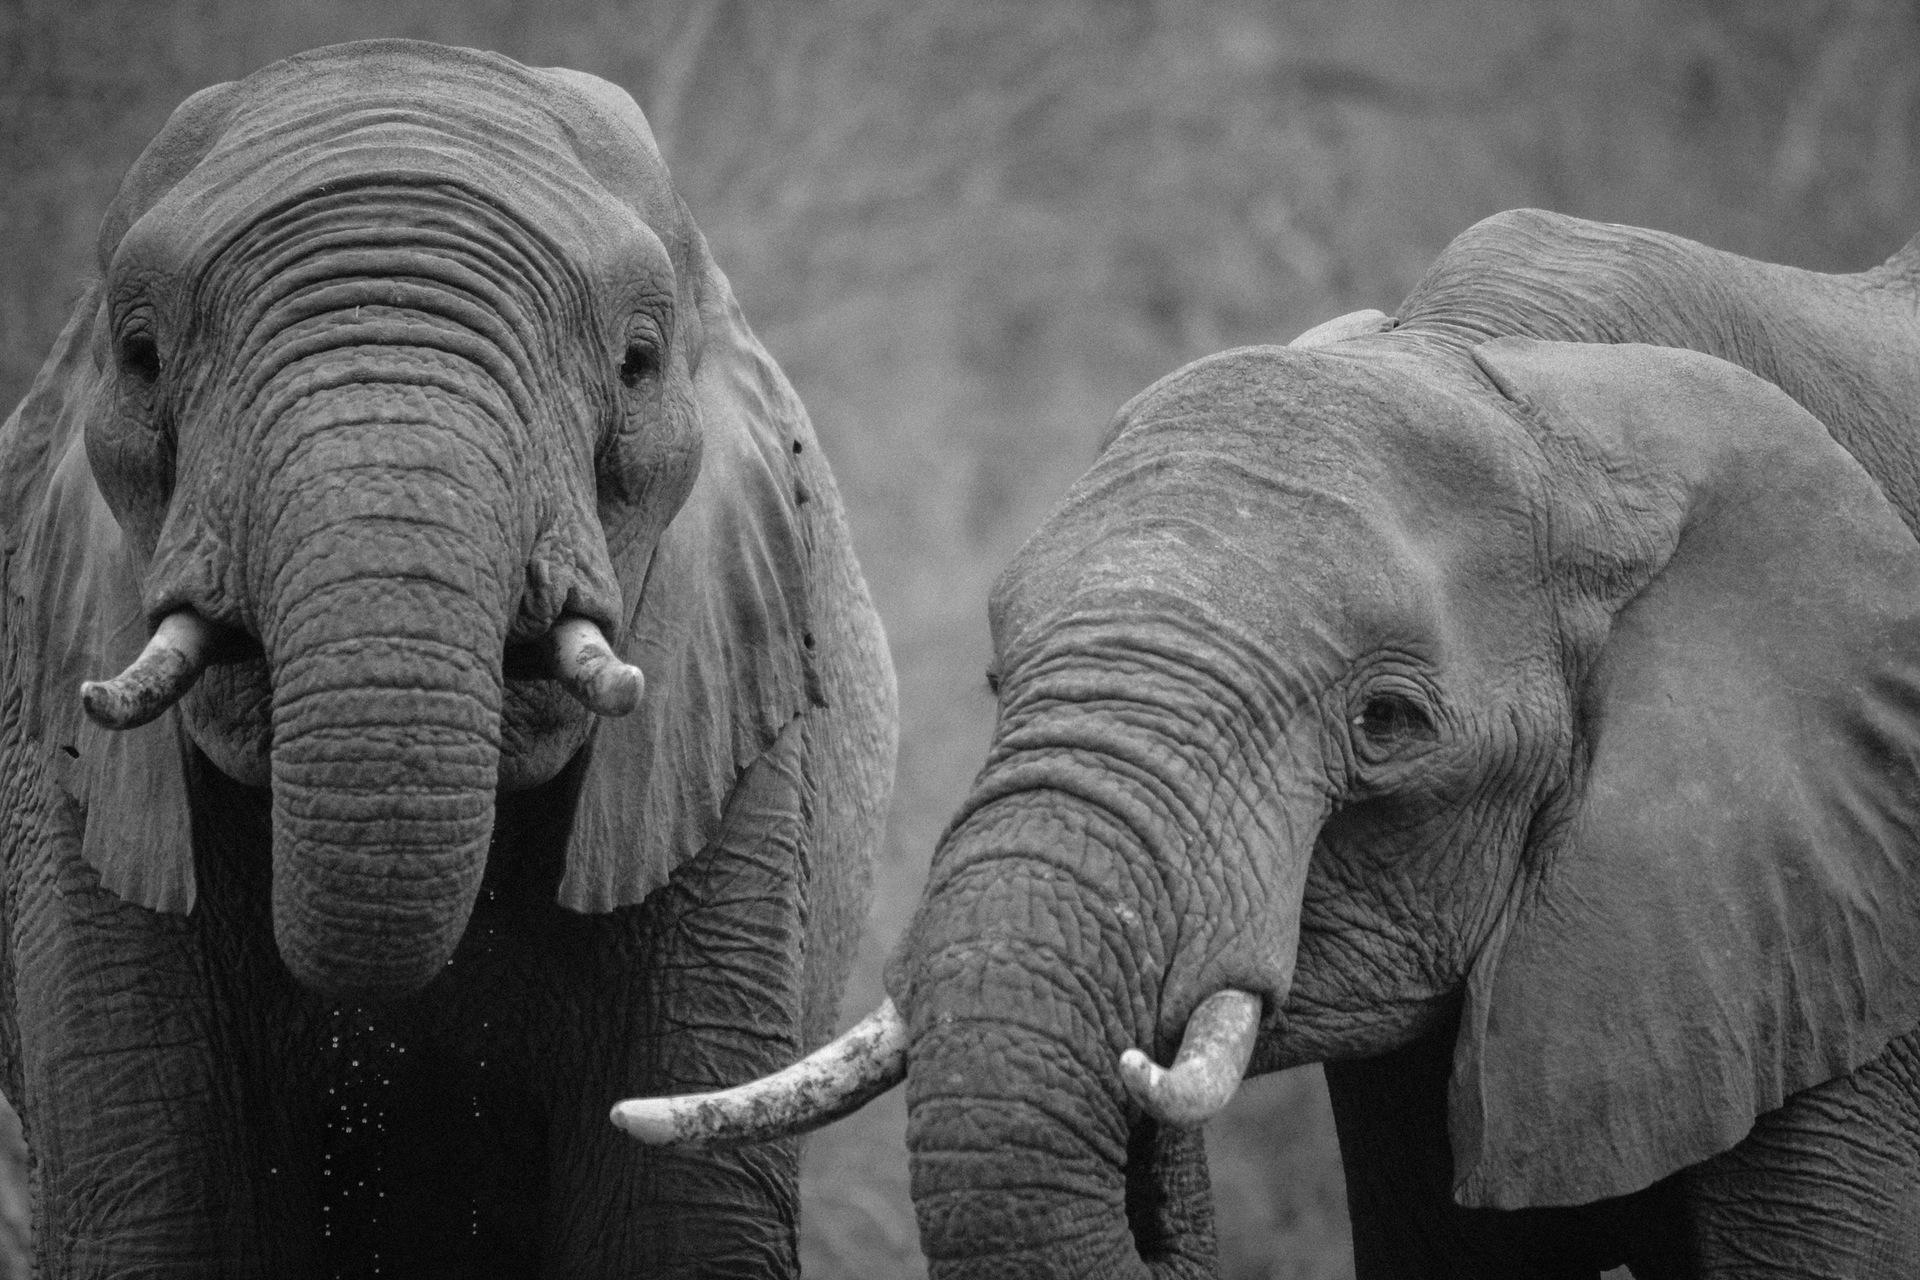 слоны, пара, Сафари, Африка, в черно-белом - Обои HD - Профессор falken.com